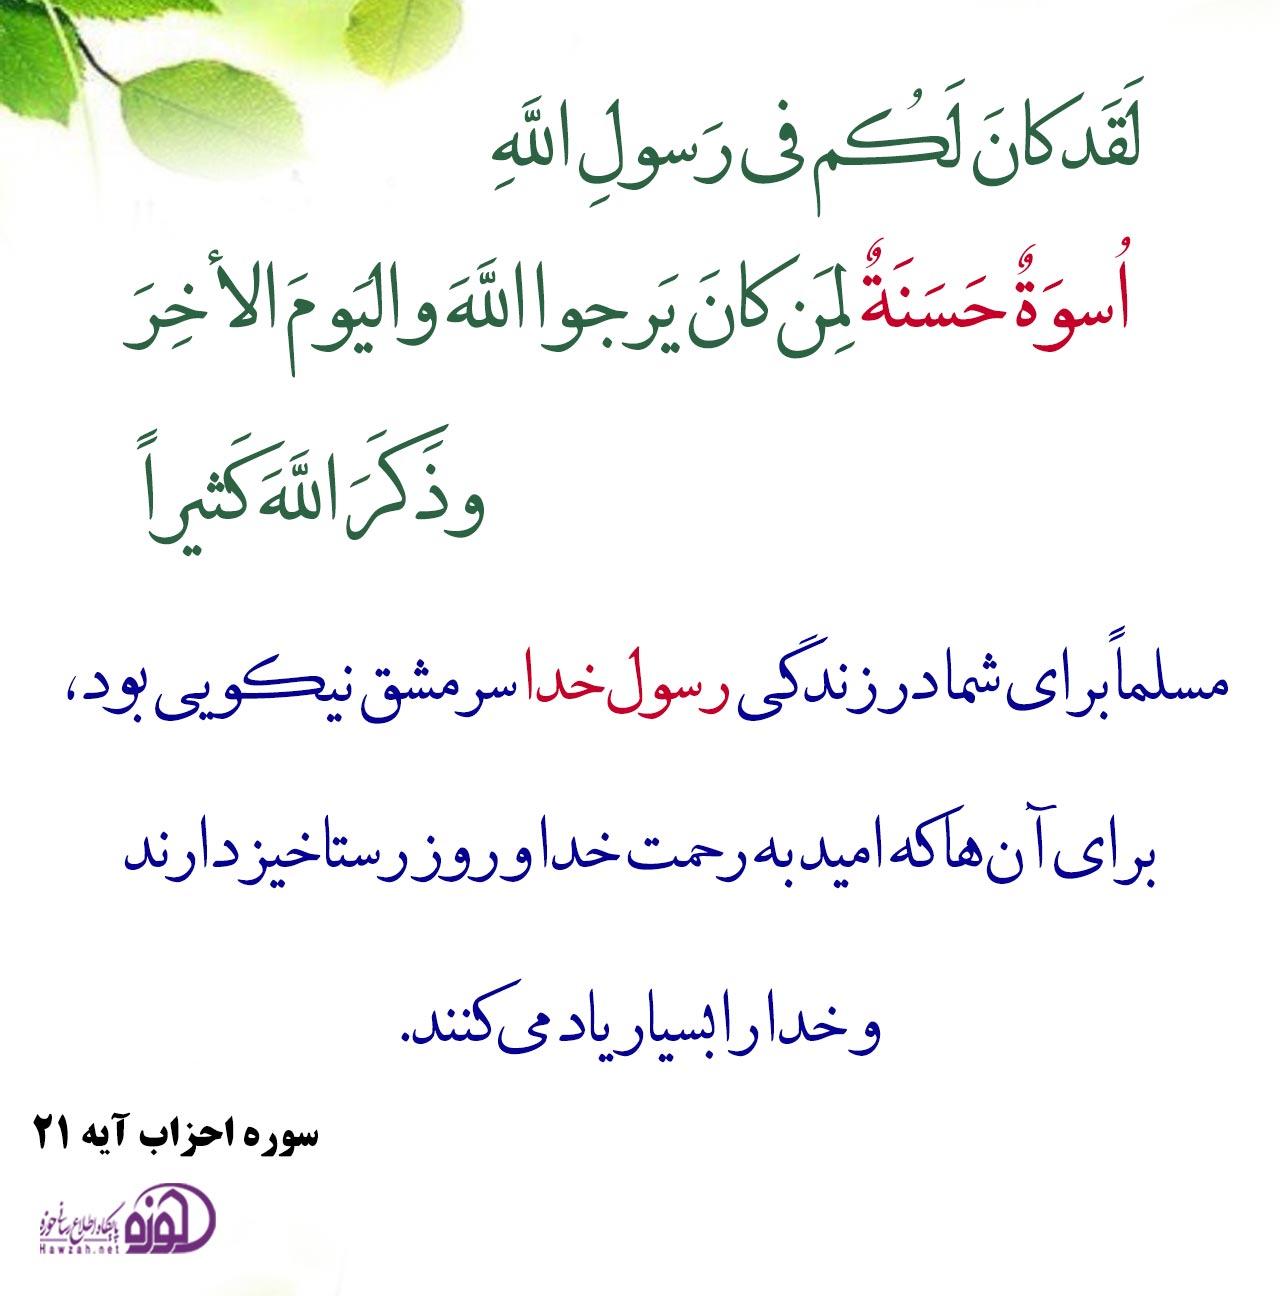 رسول اکرم صلی الله علیه و آله بهترین اسوه و الگوی زندگی یک مسلمان